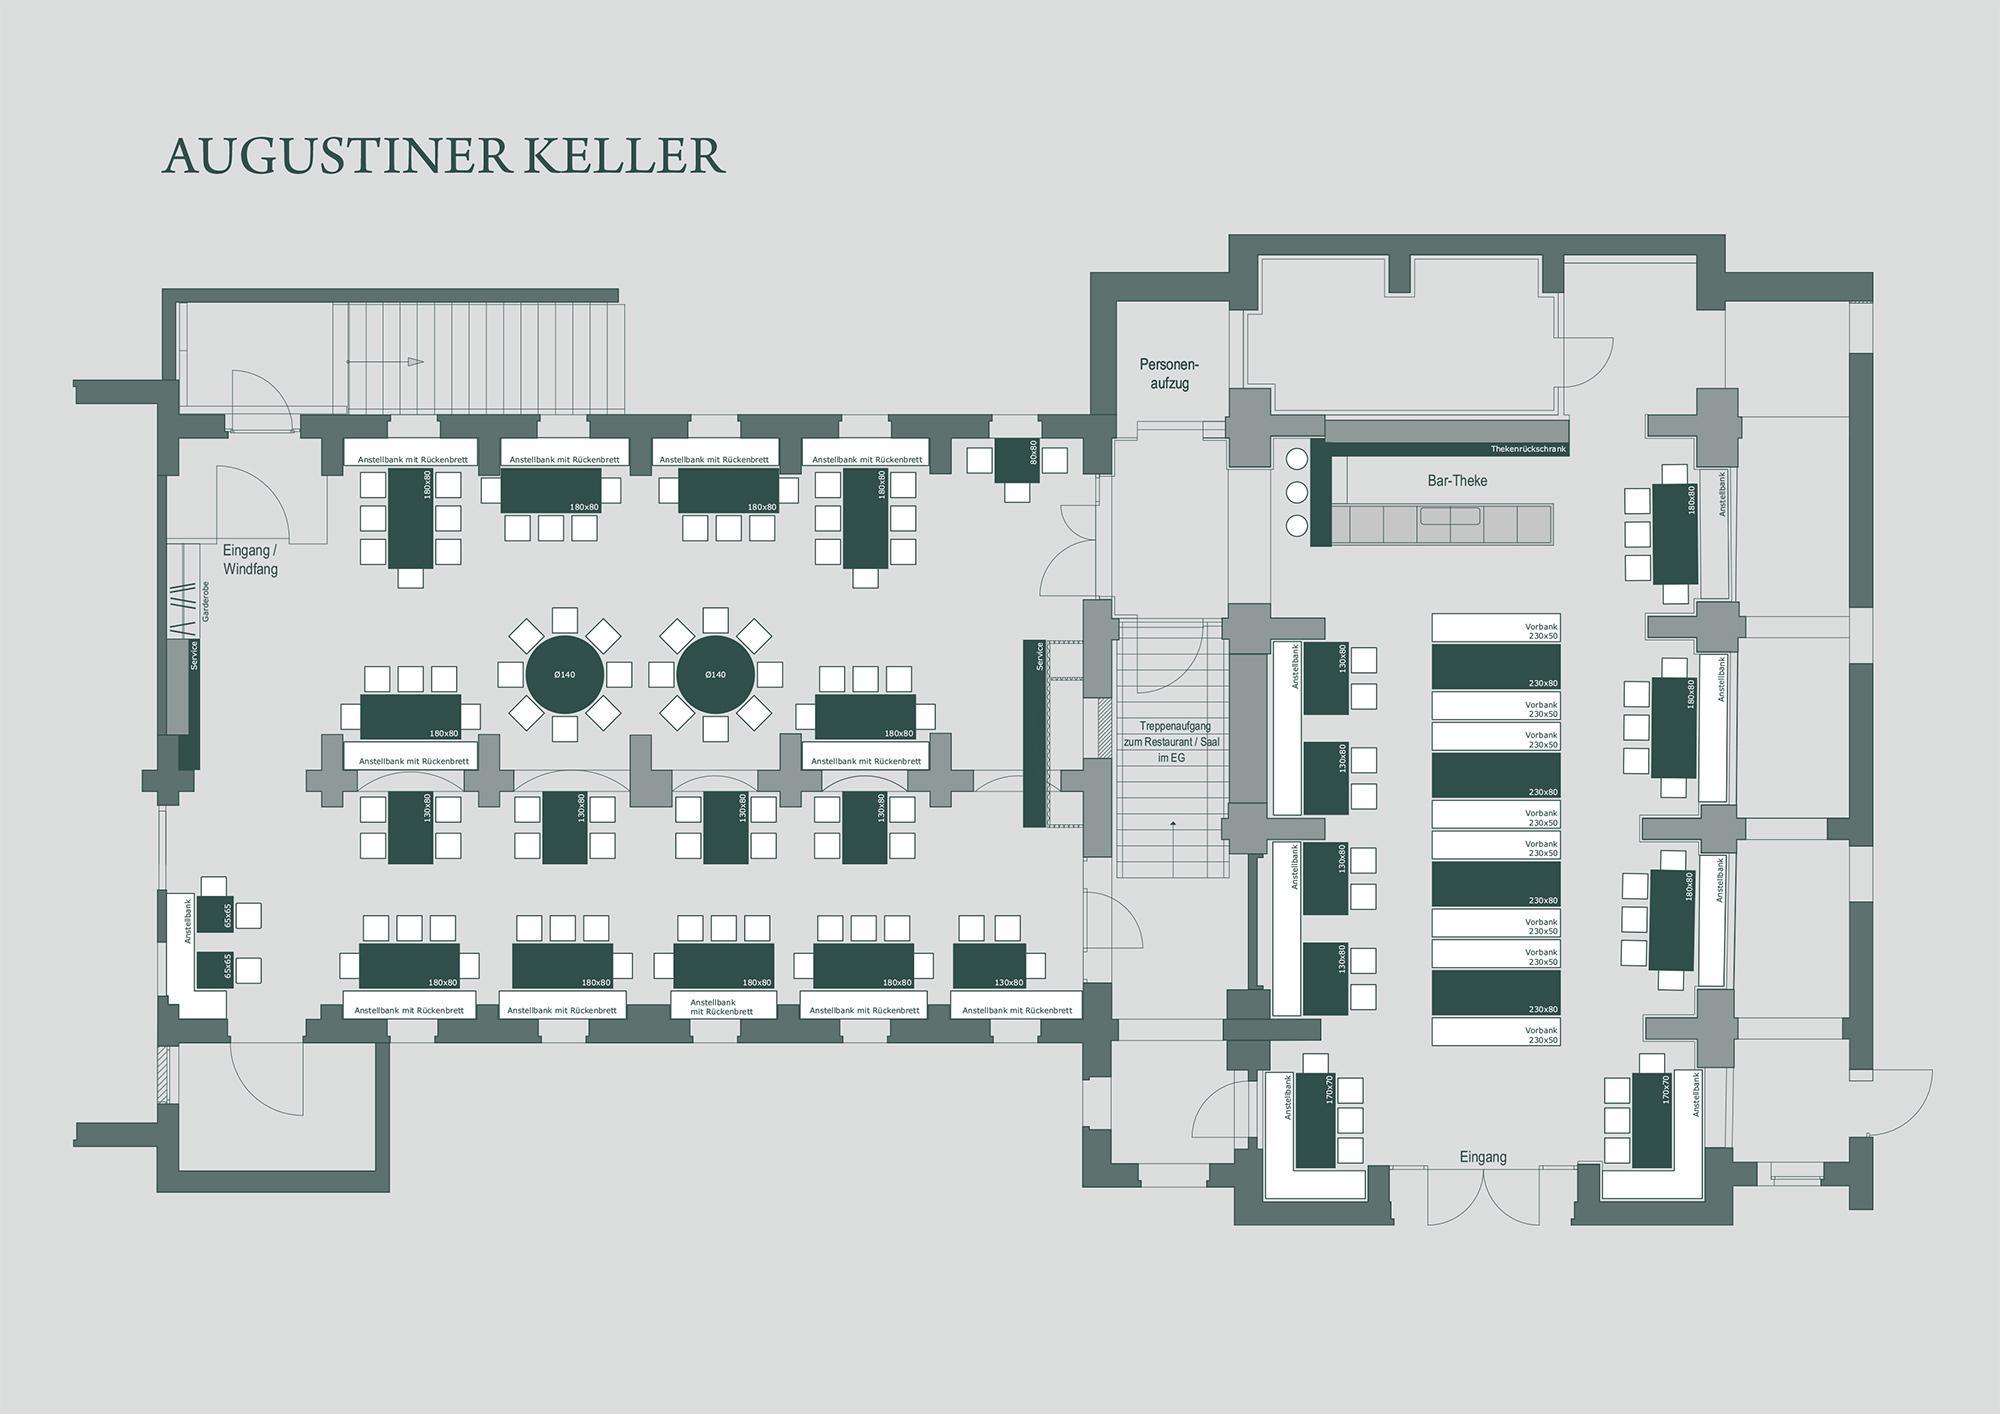 Raumplan Keller Zollpackhof